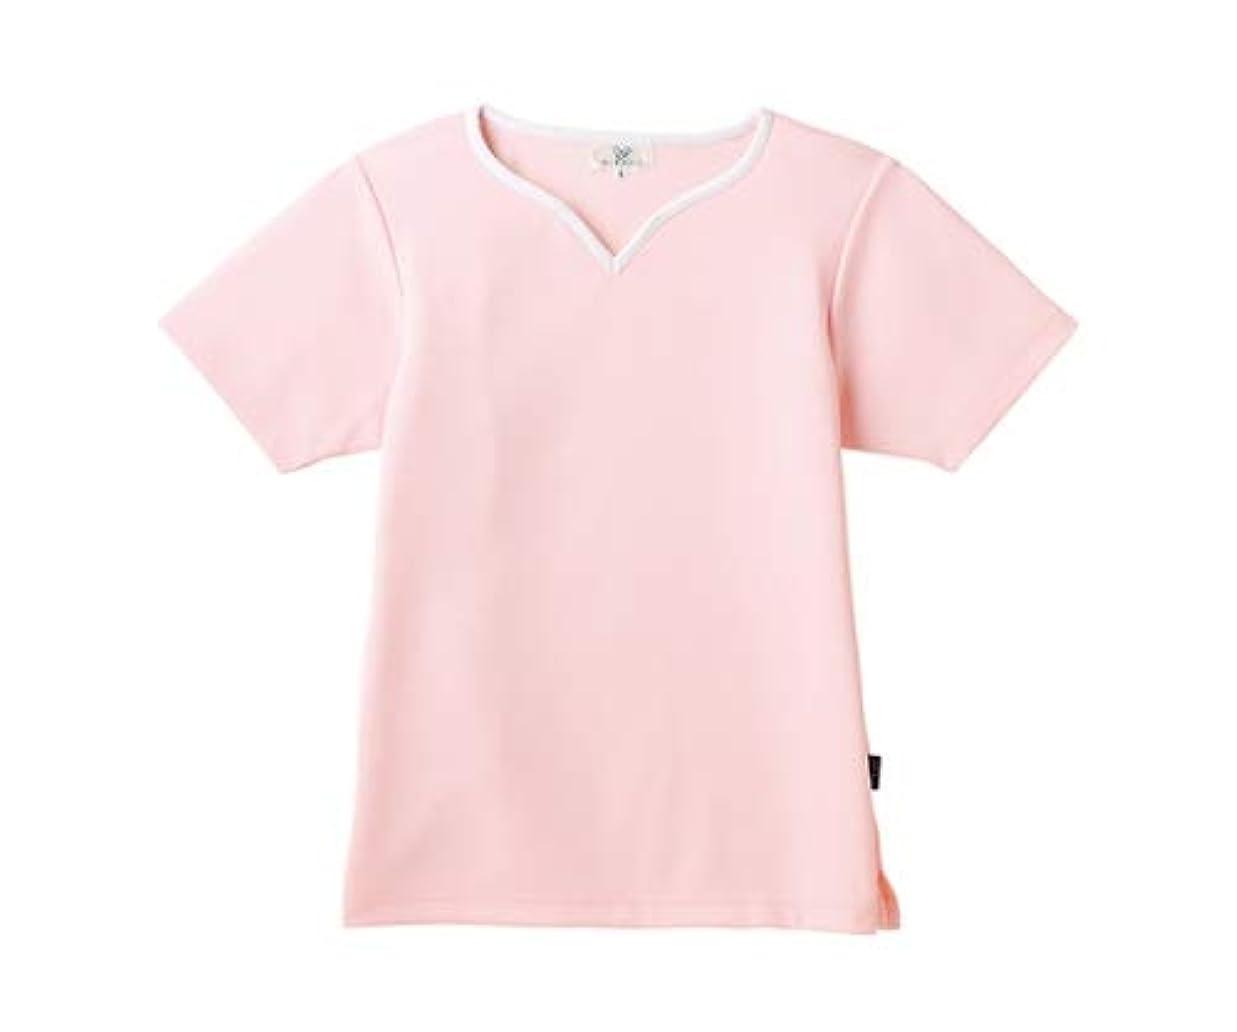 熟達した小麦粉療法トンボ/KIRAKU レディス入浴介助用シャツ CR161 3L ピンク